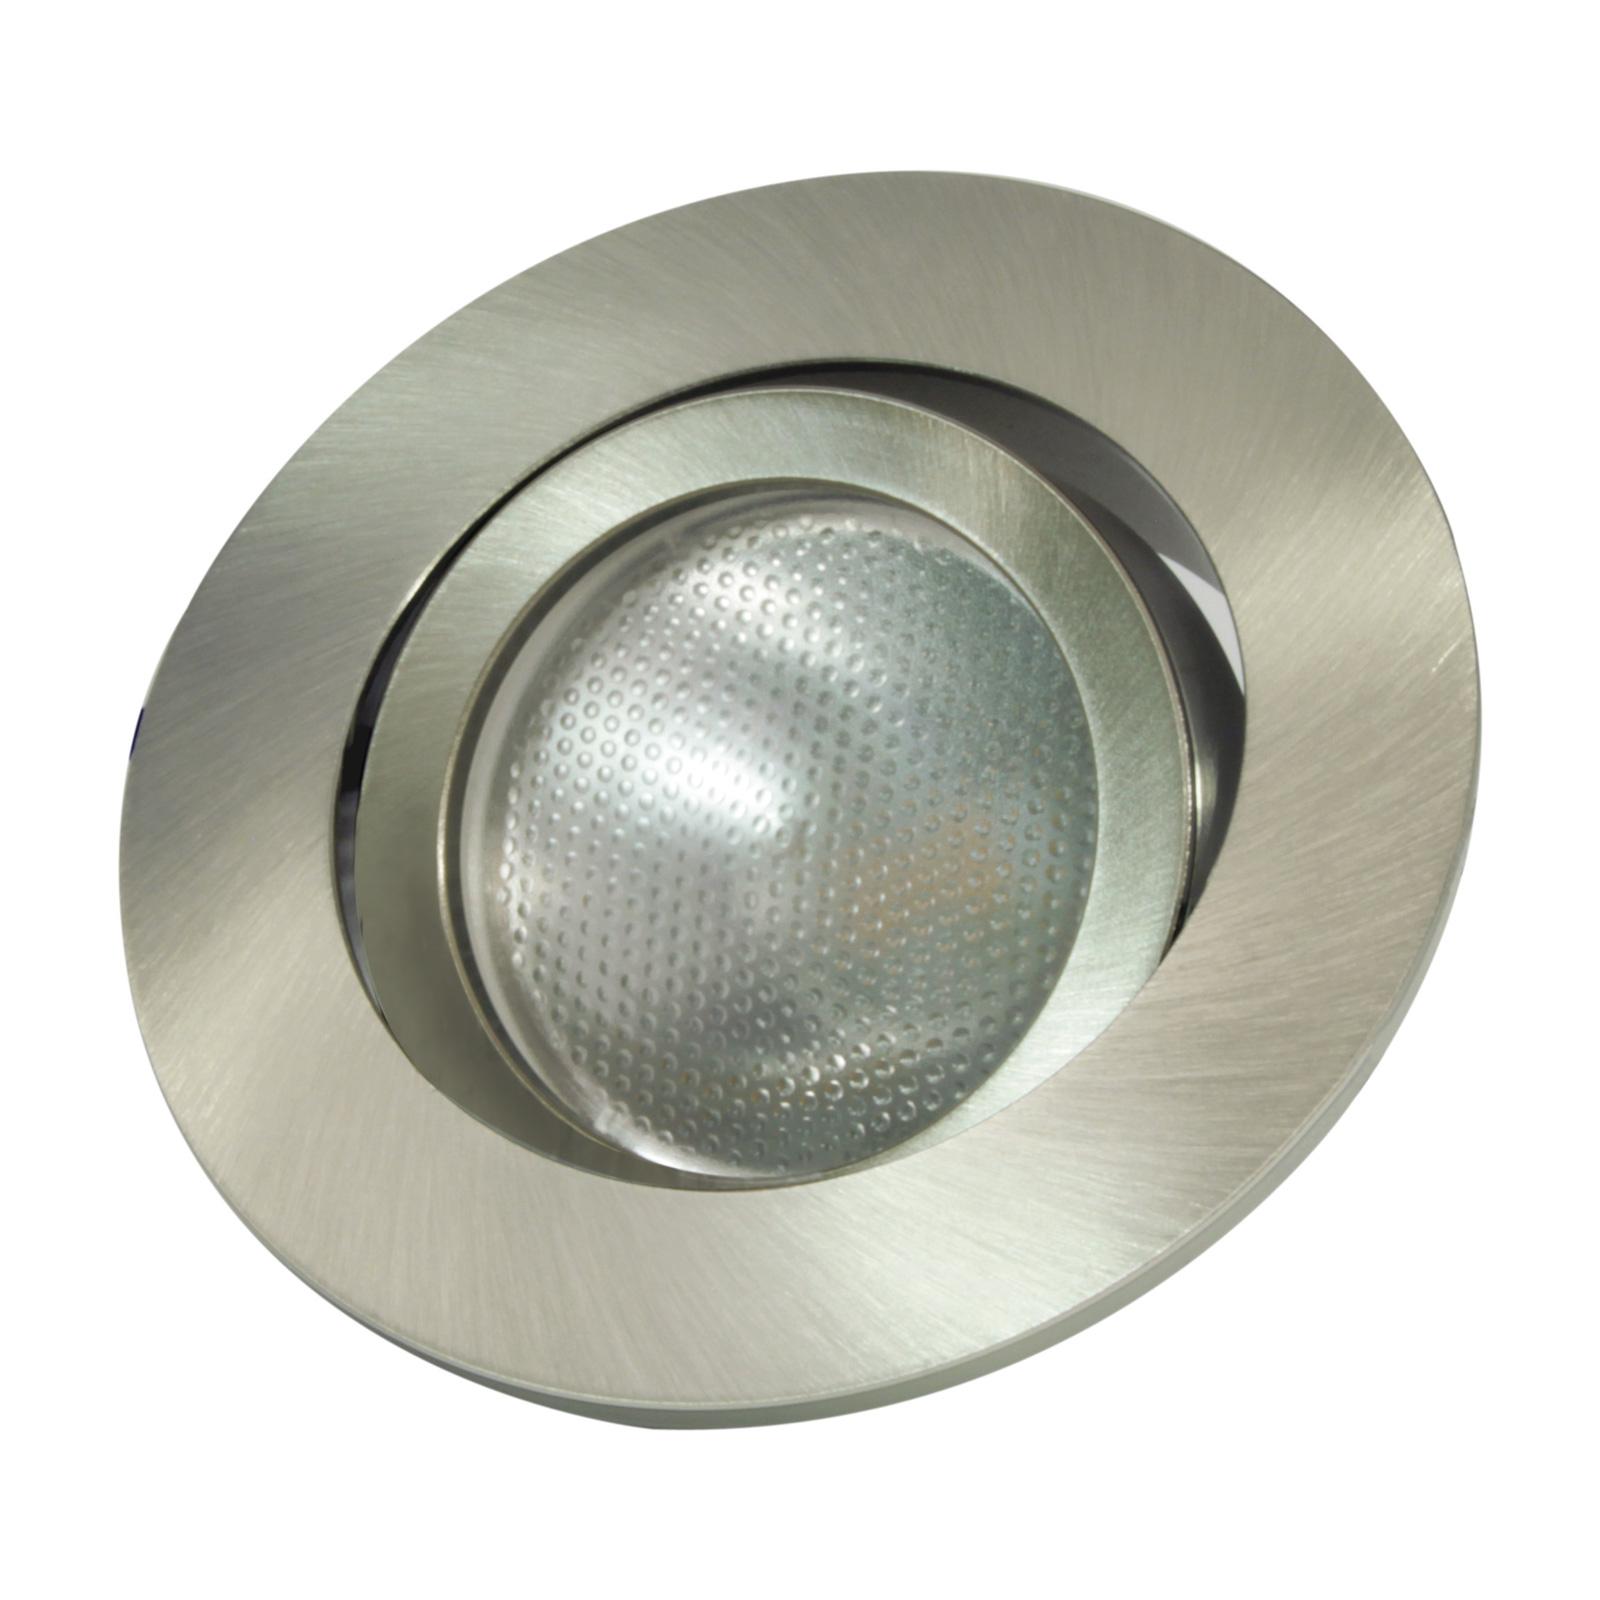 LED-Einbauring Decoclic GU10/GU5.3, rund, eisen